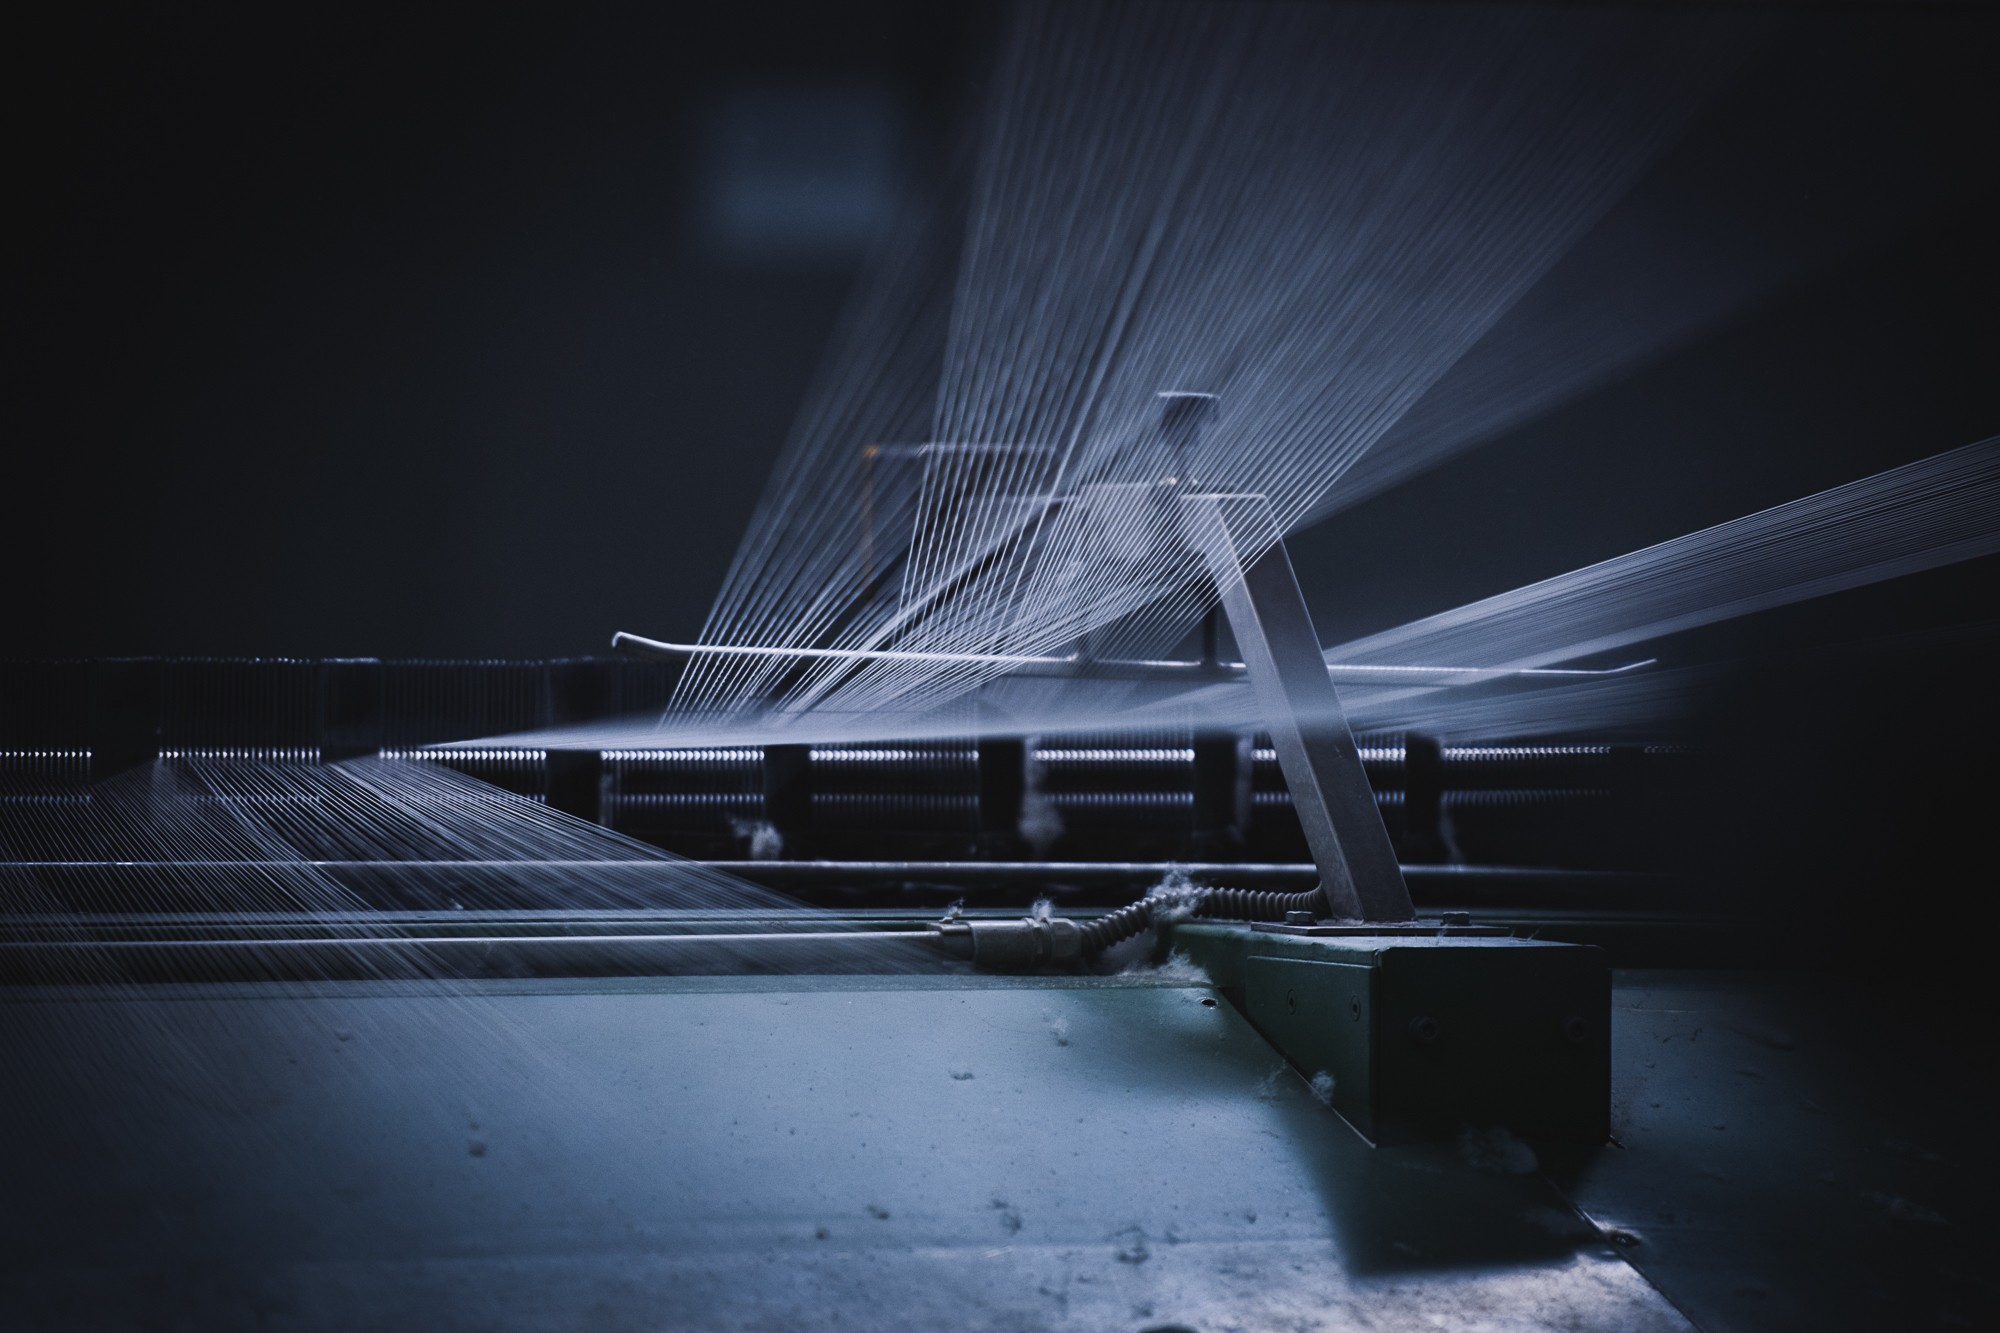 Galletti Bentivoglio Lavora Con Noi berto e. g. industria tessile | linkedin